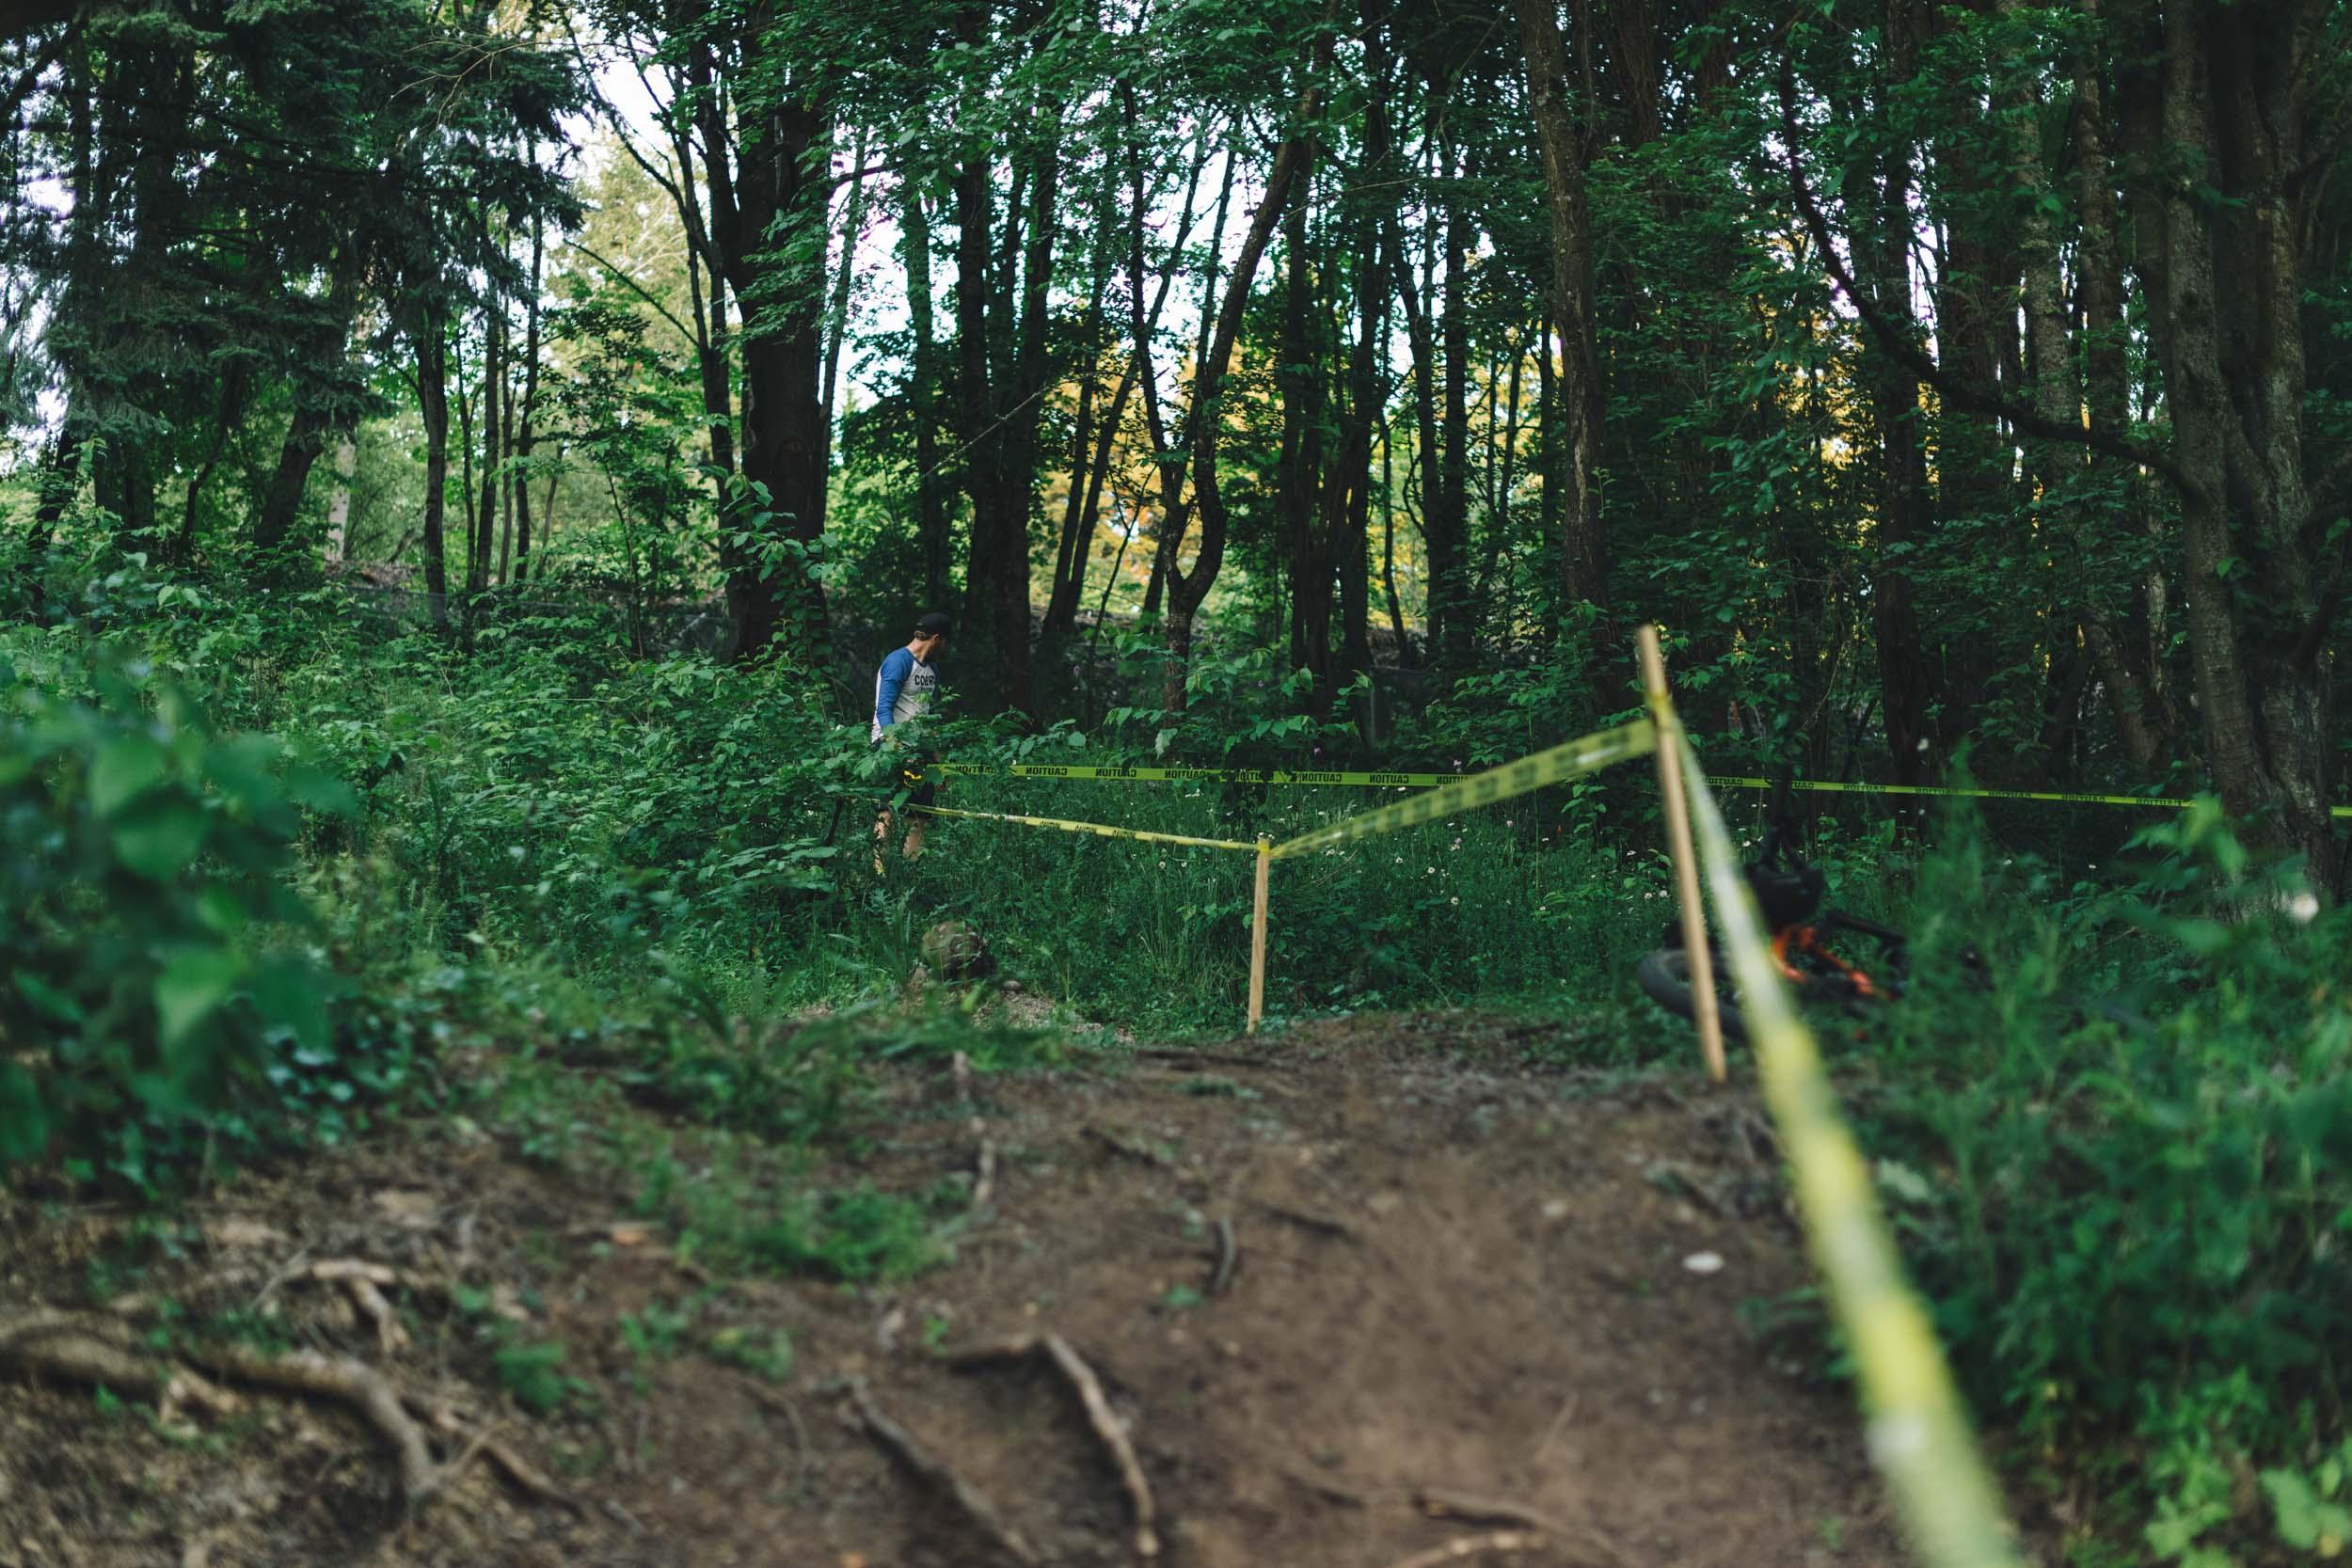 COBRA_Racing_Gateway_Miguel_Tone_6.jpg